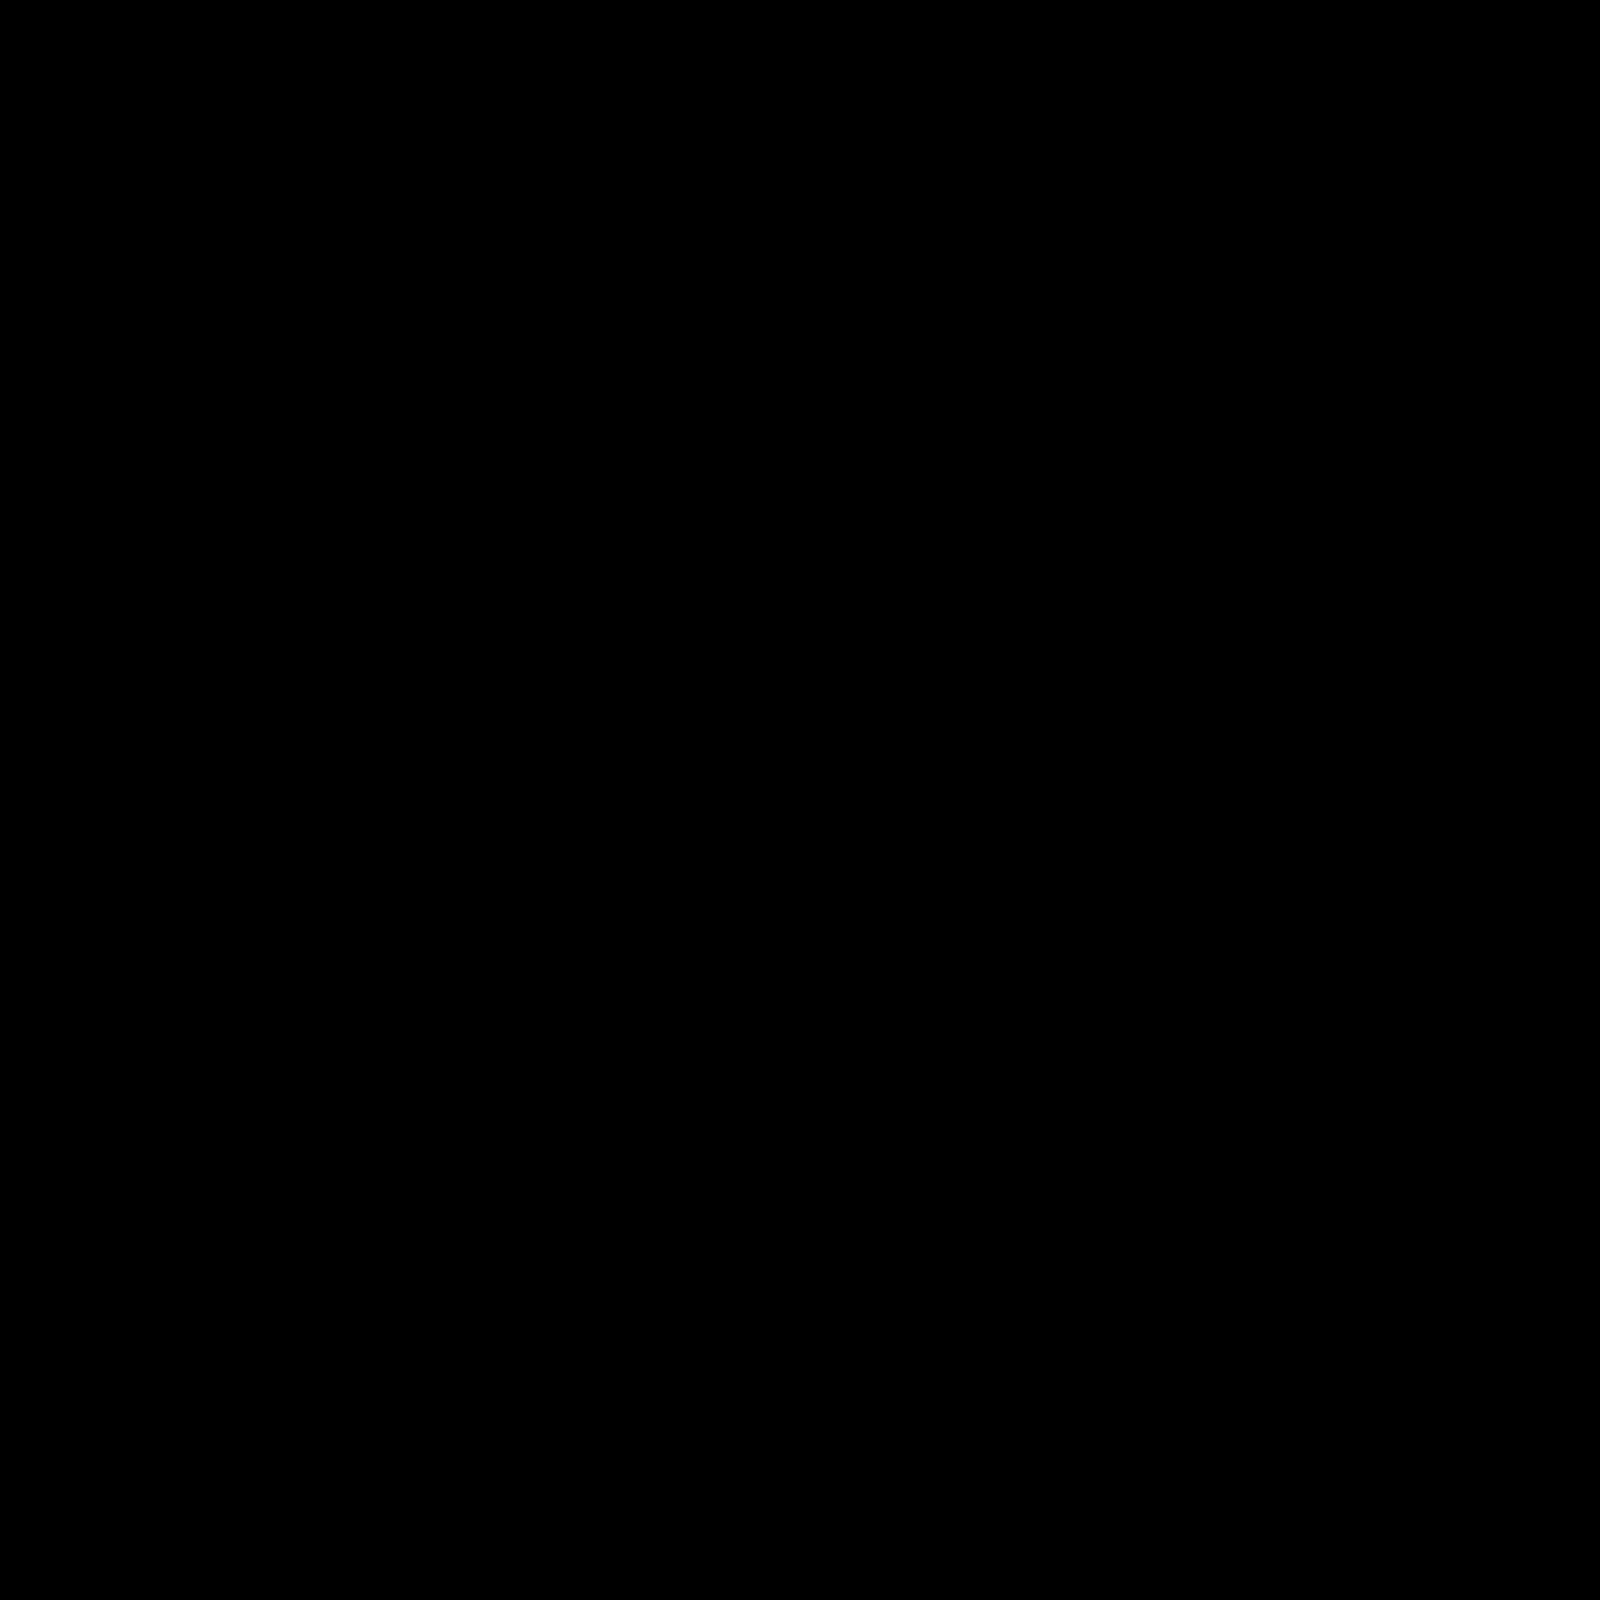 Domek z piernika icon